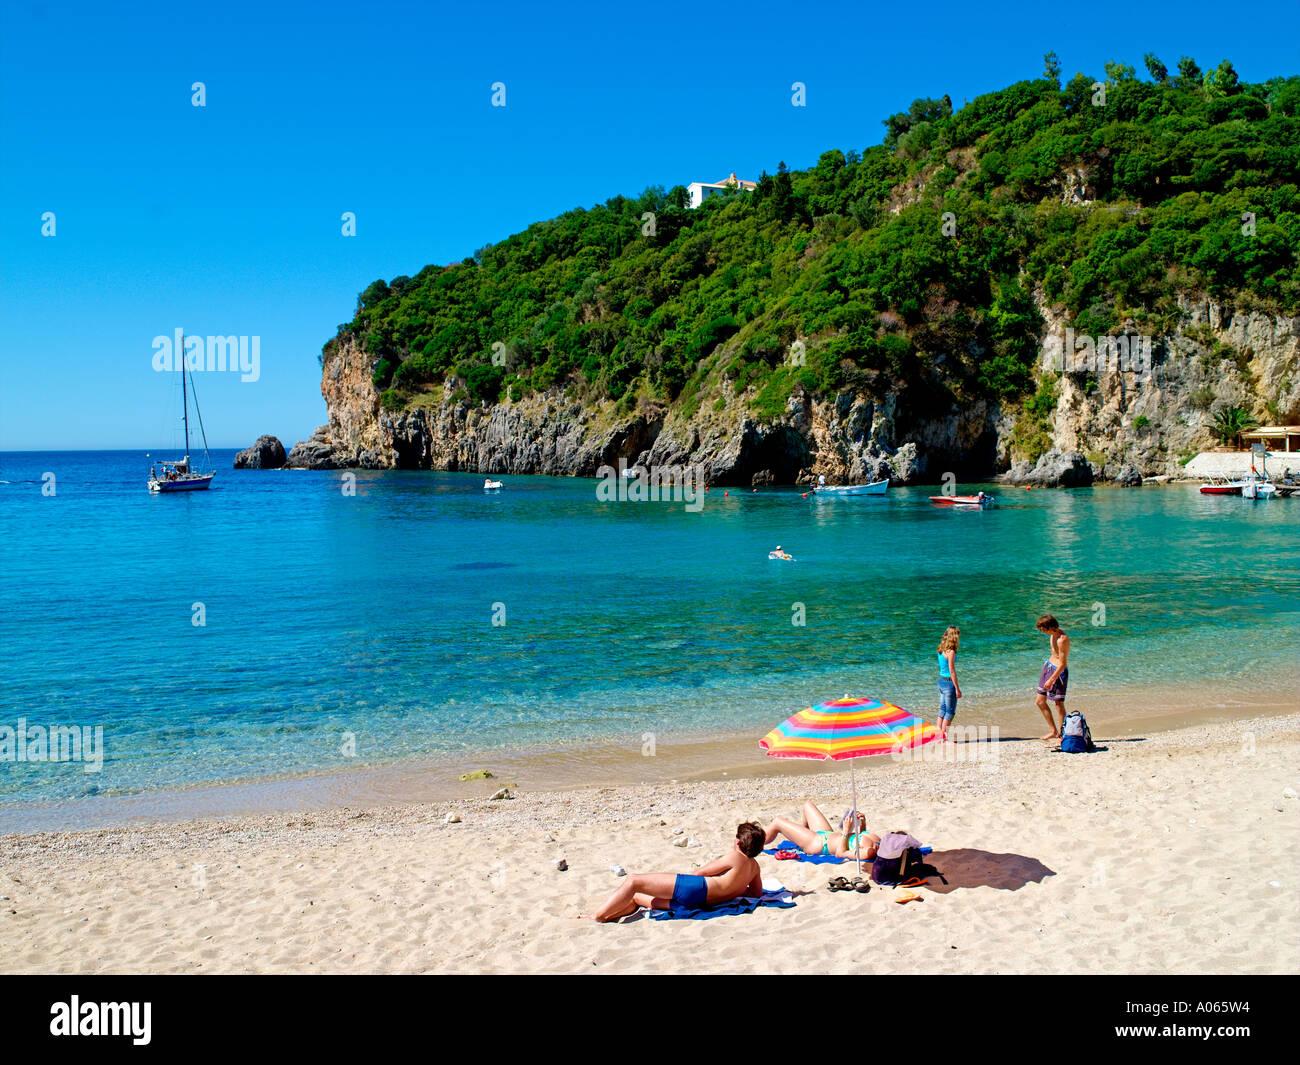 Corfu Island, Paleokastritsa Beach - Stock Image